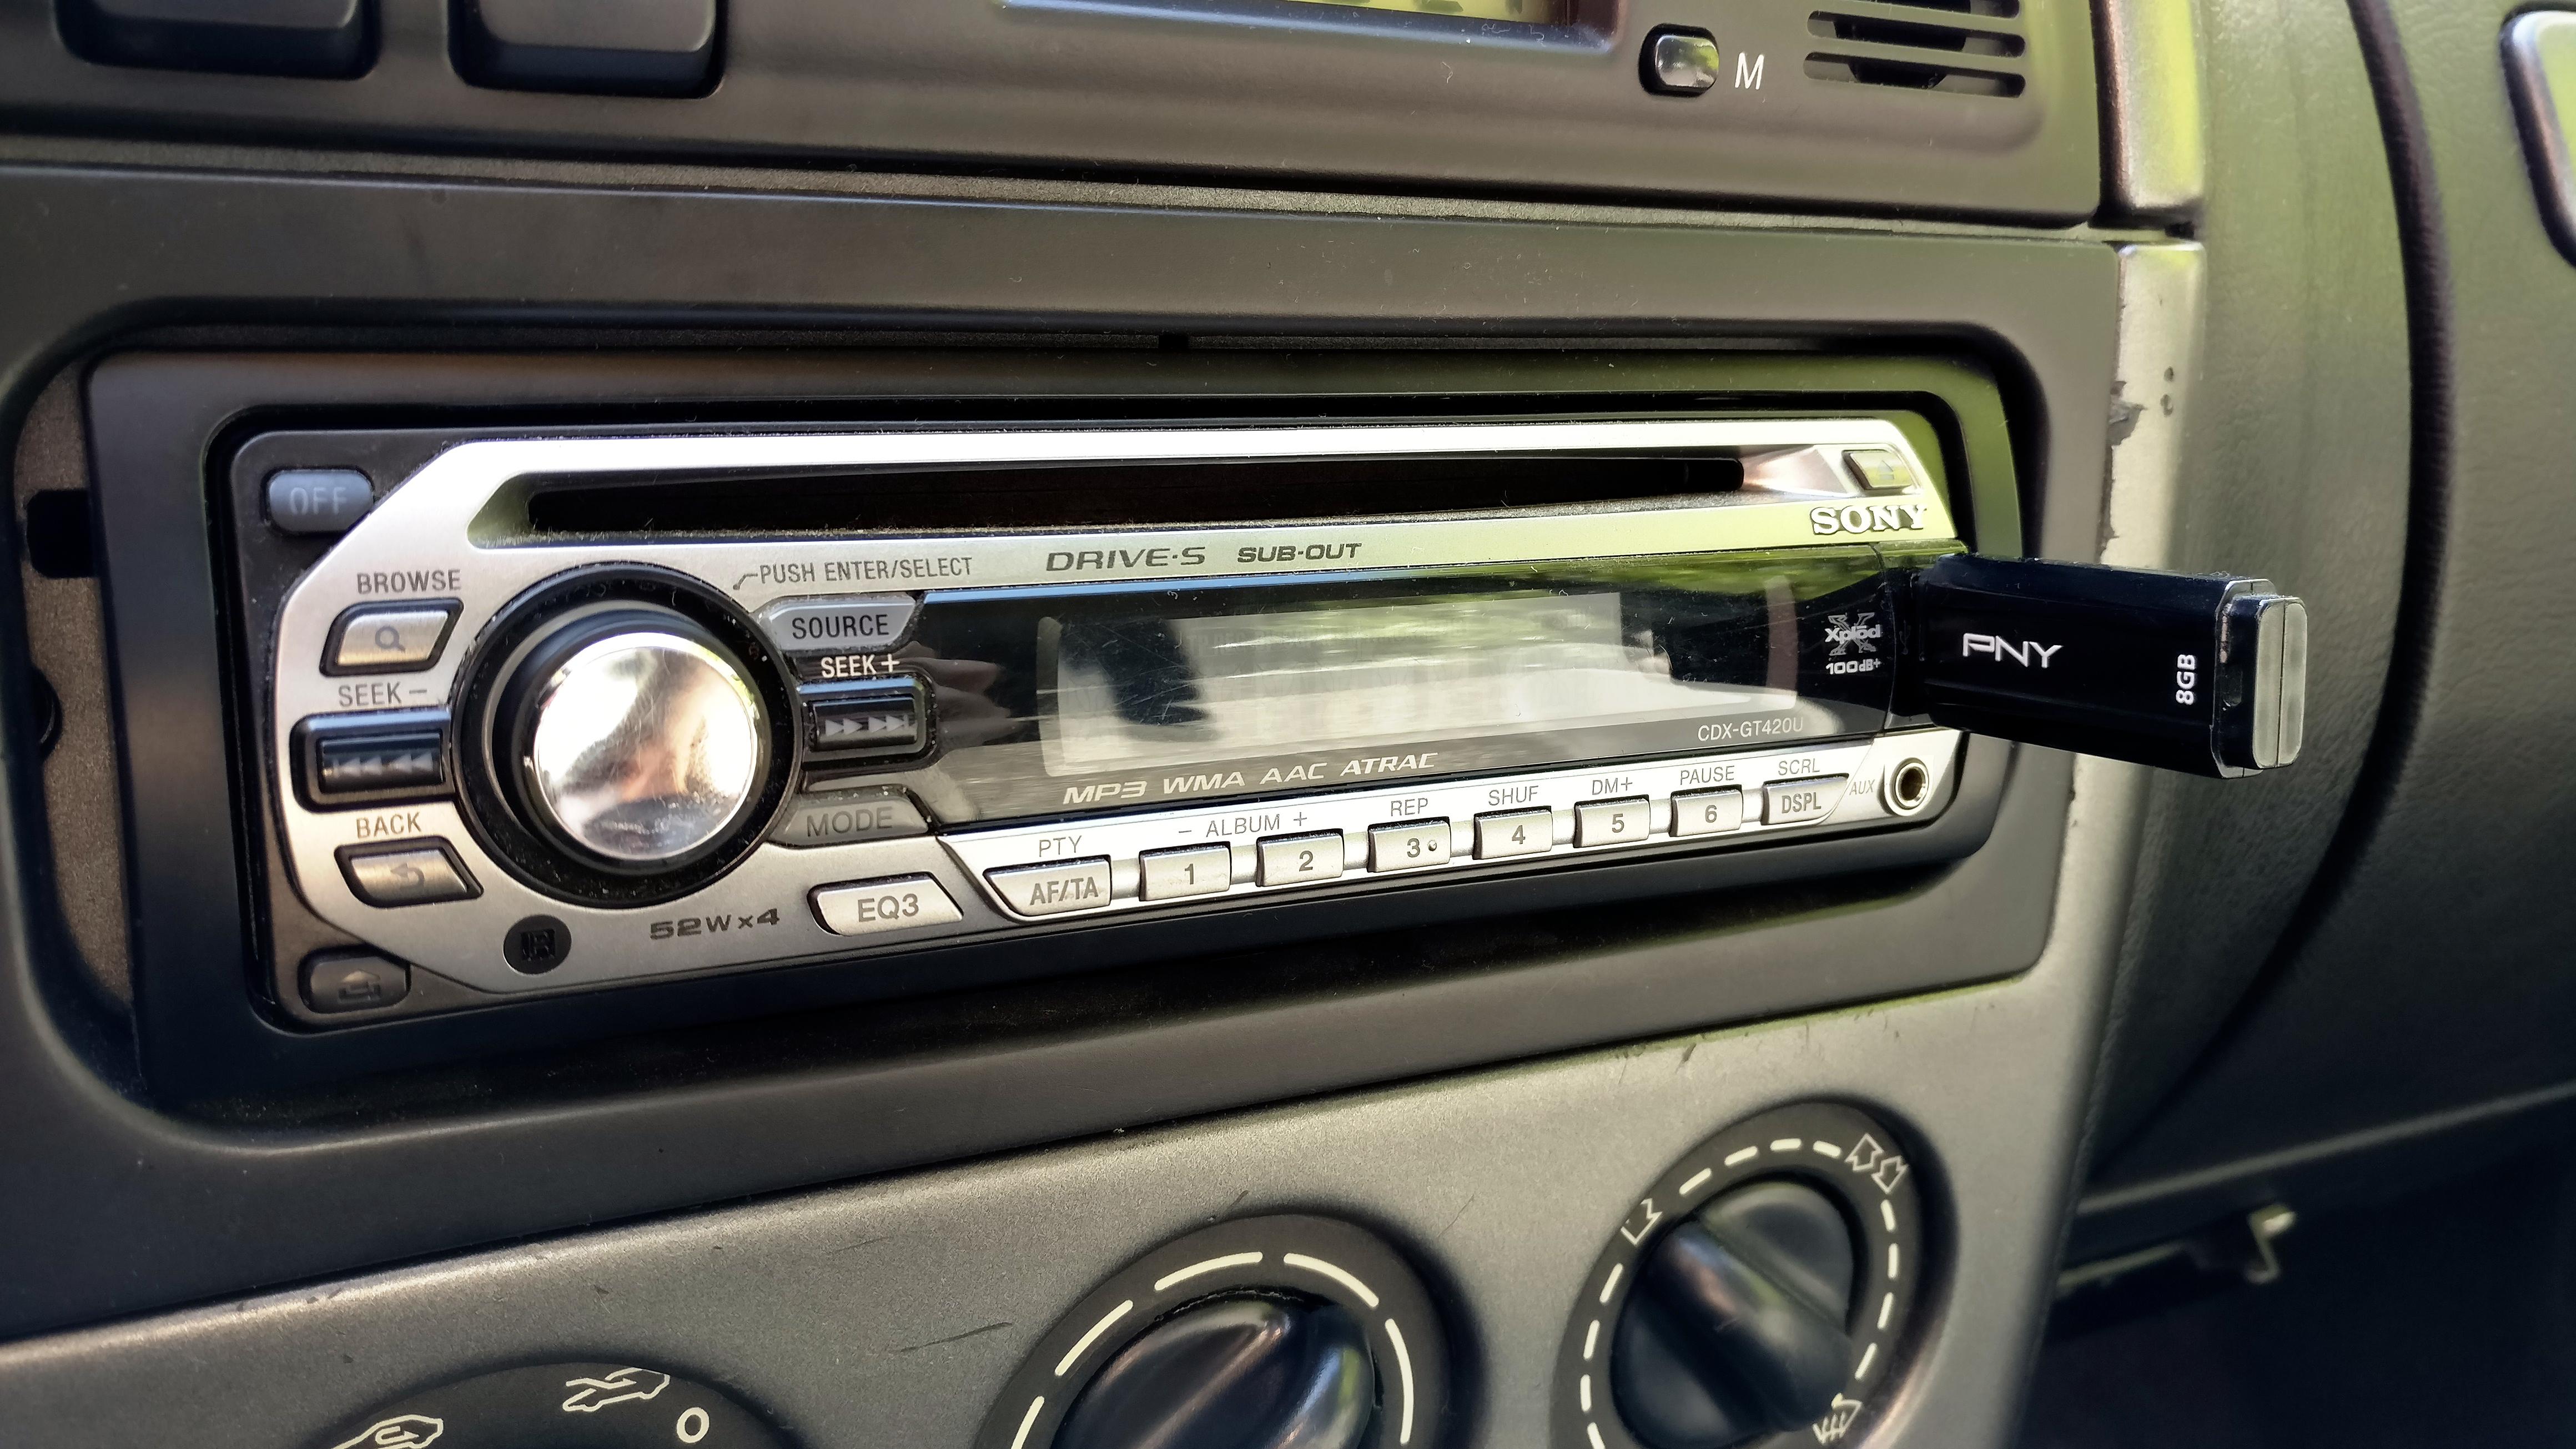 Ramki do radia samochodowego z wejściem na pendrive